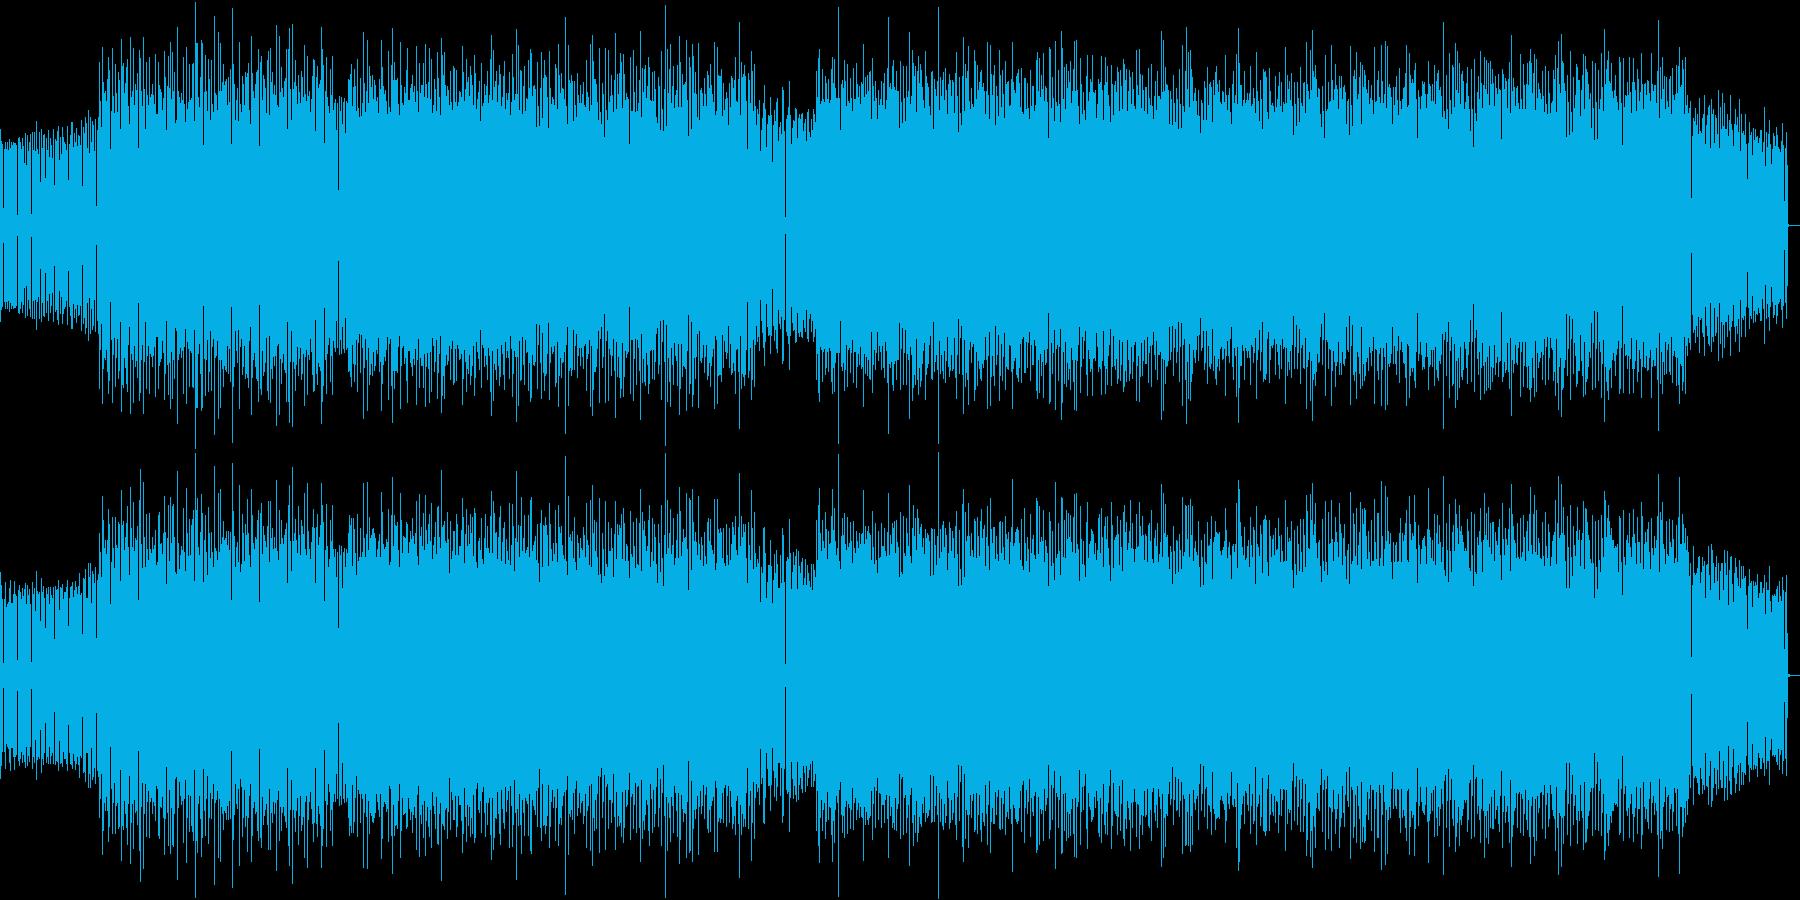 攻撃的なアシッドテクノの再生済みの波形